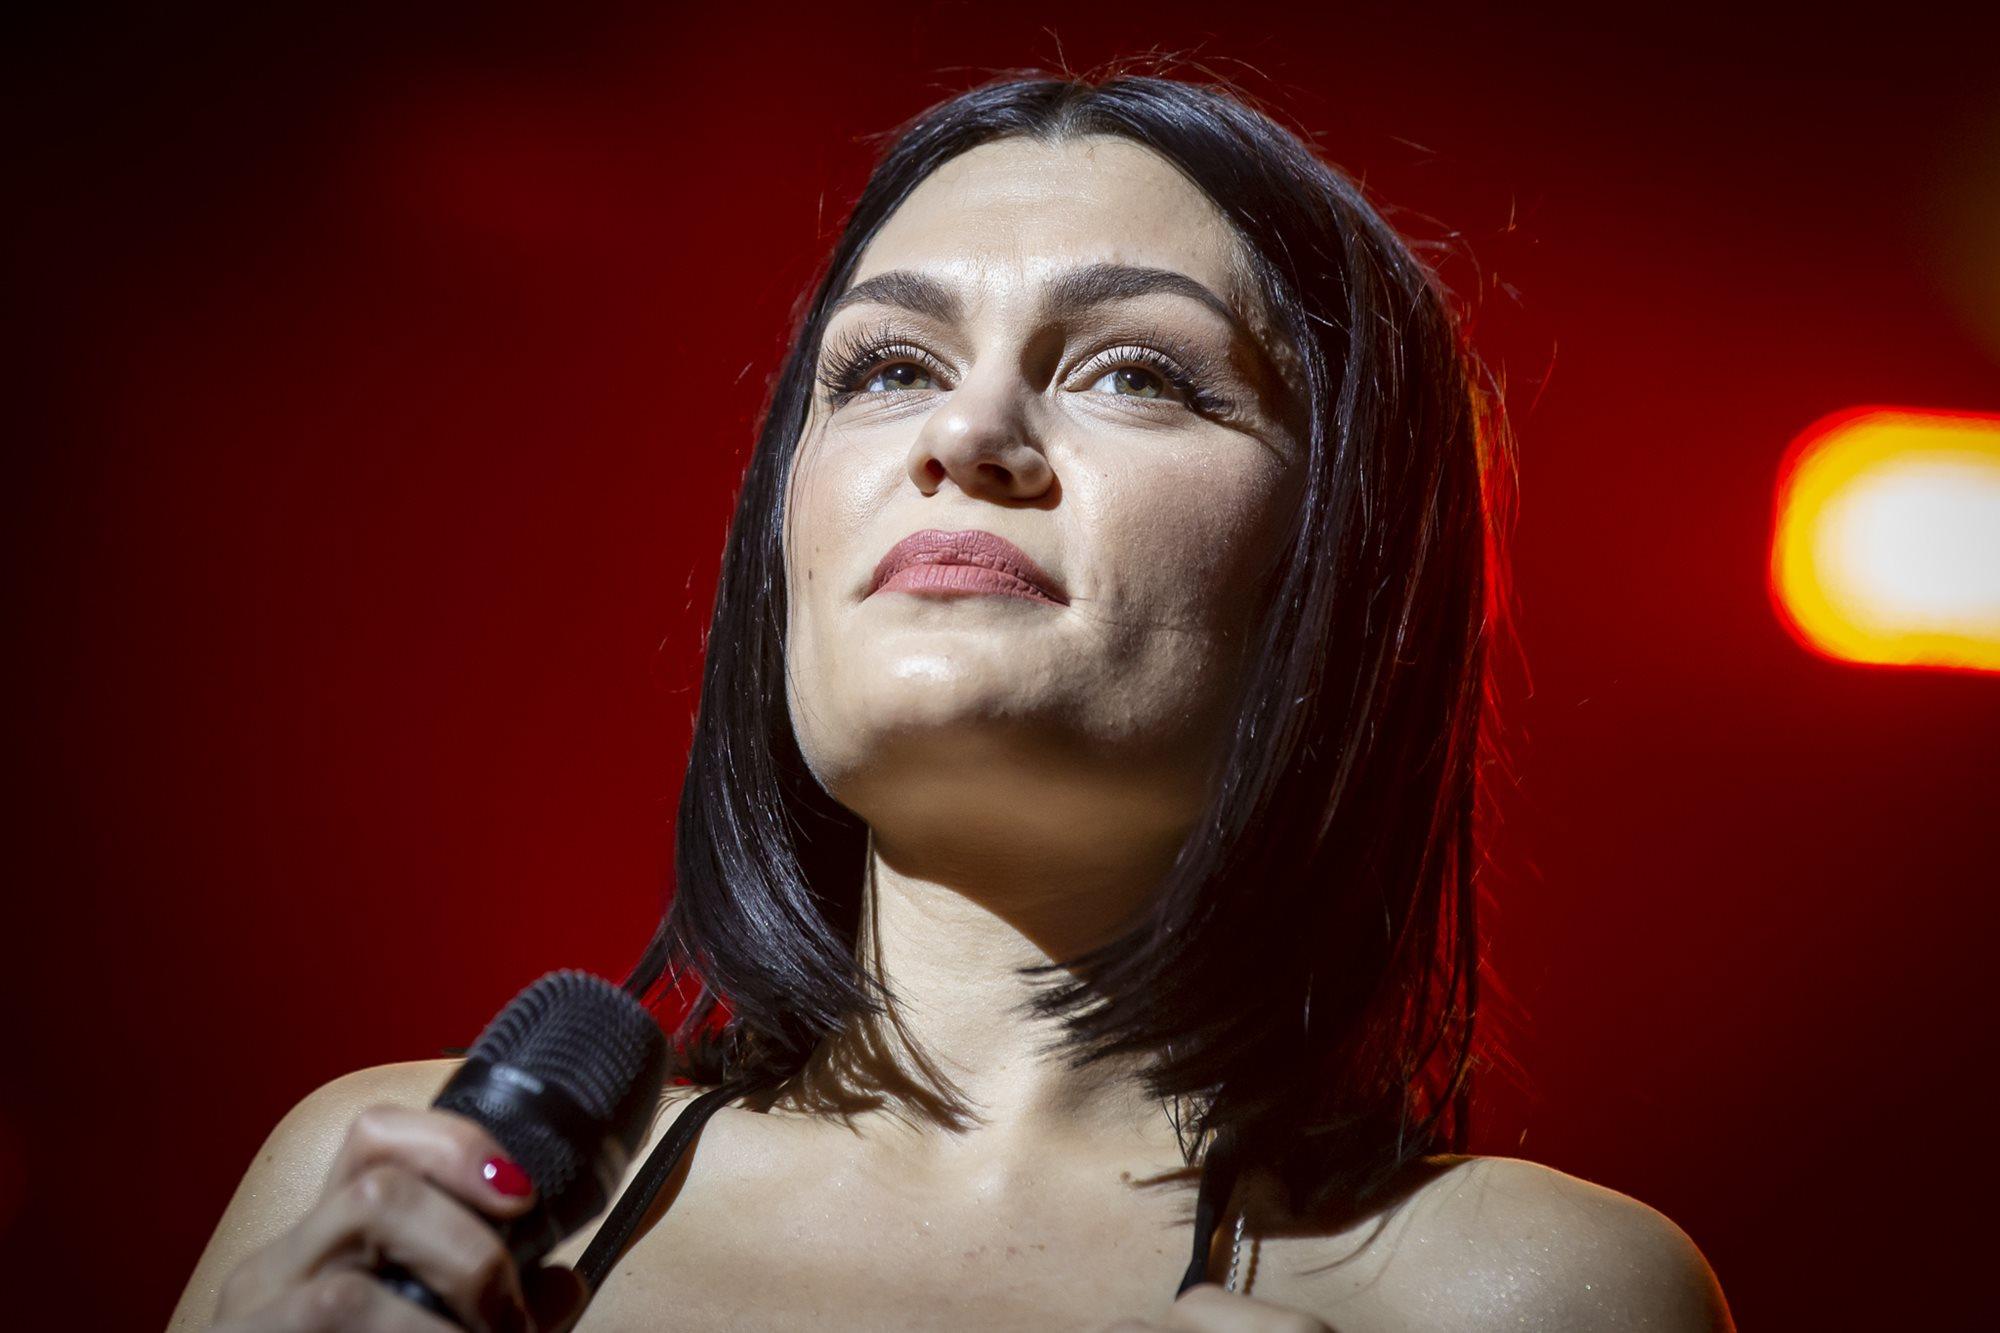 Zpěvačka Jessie J již 23. dubna v Praze!